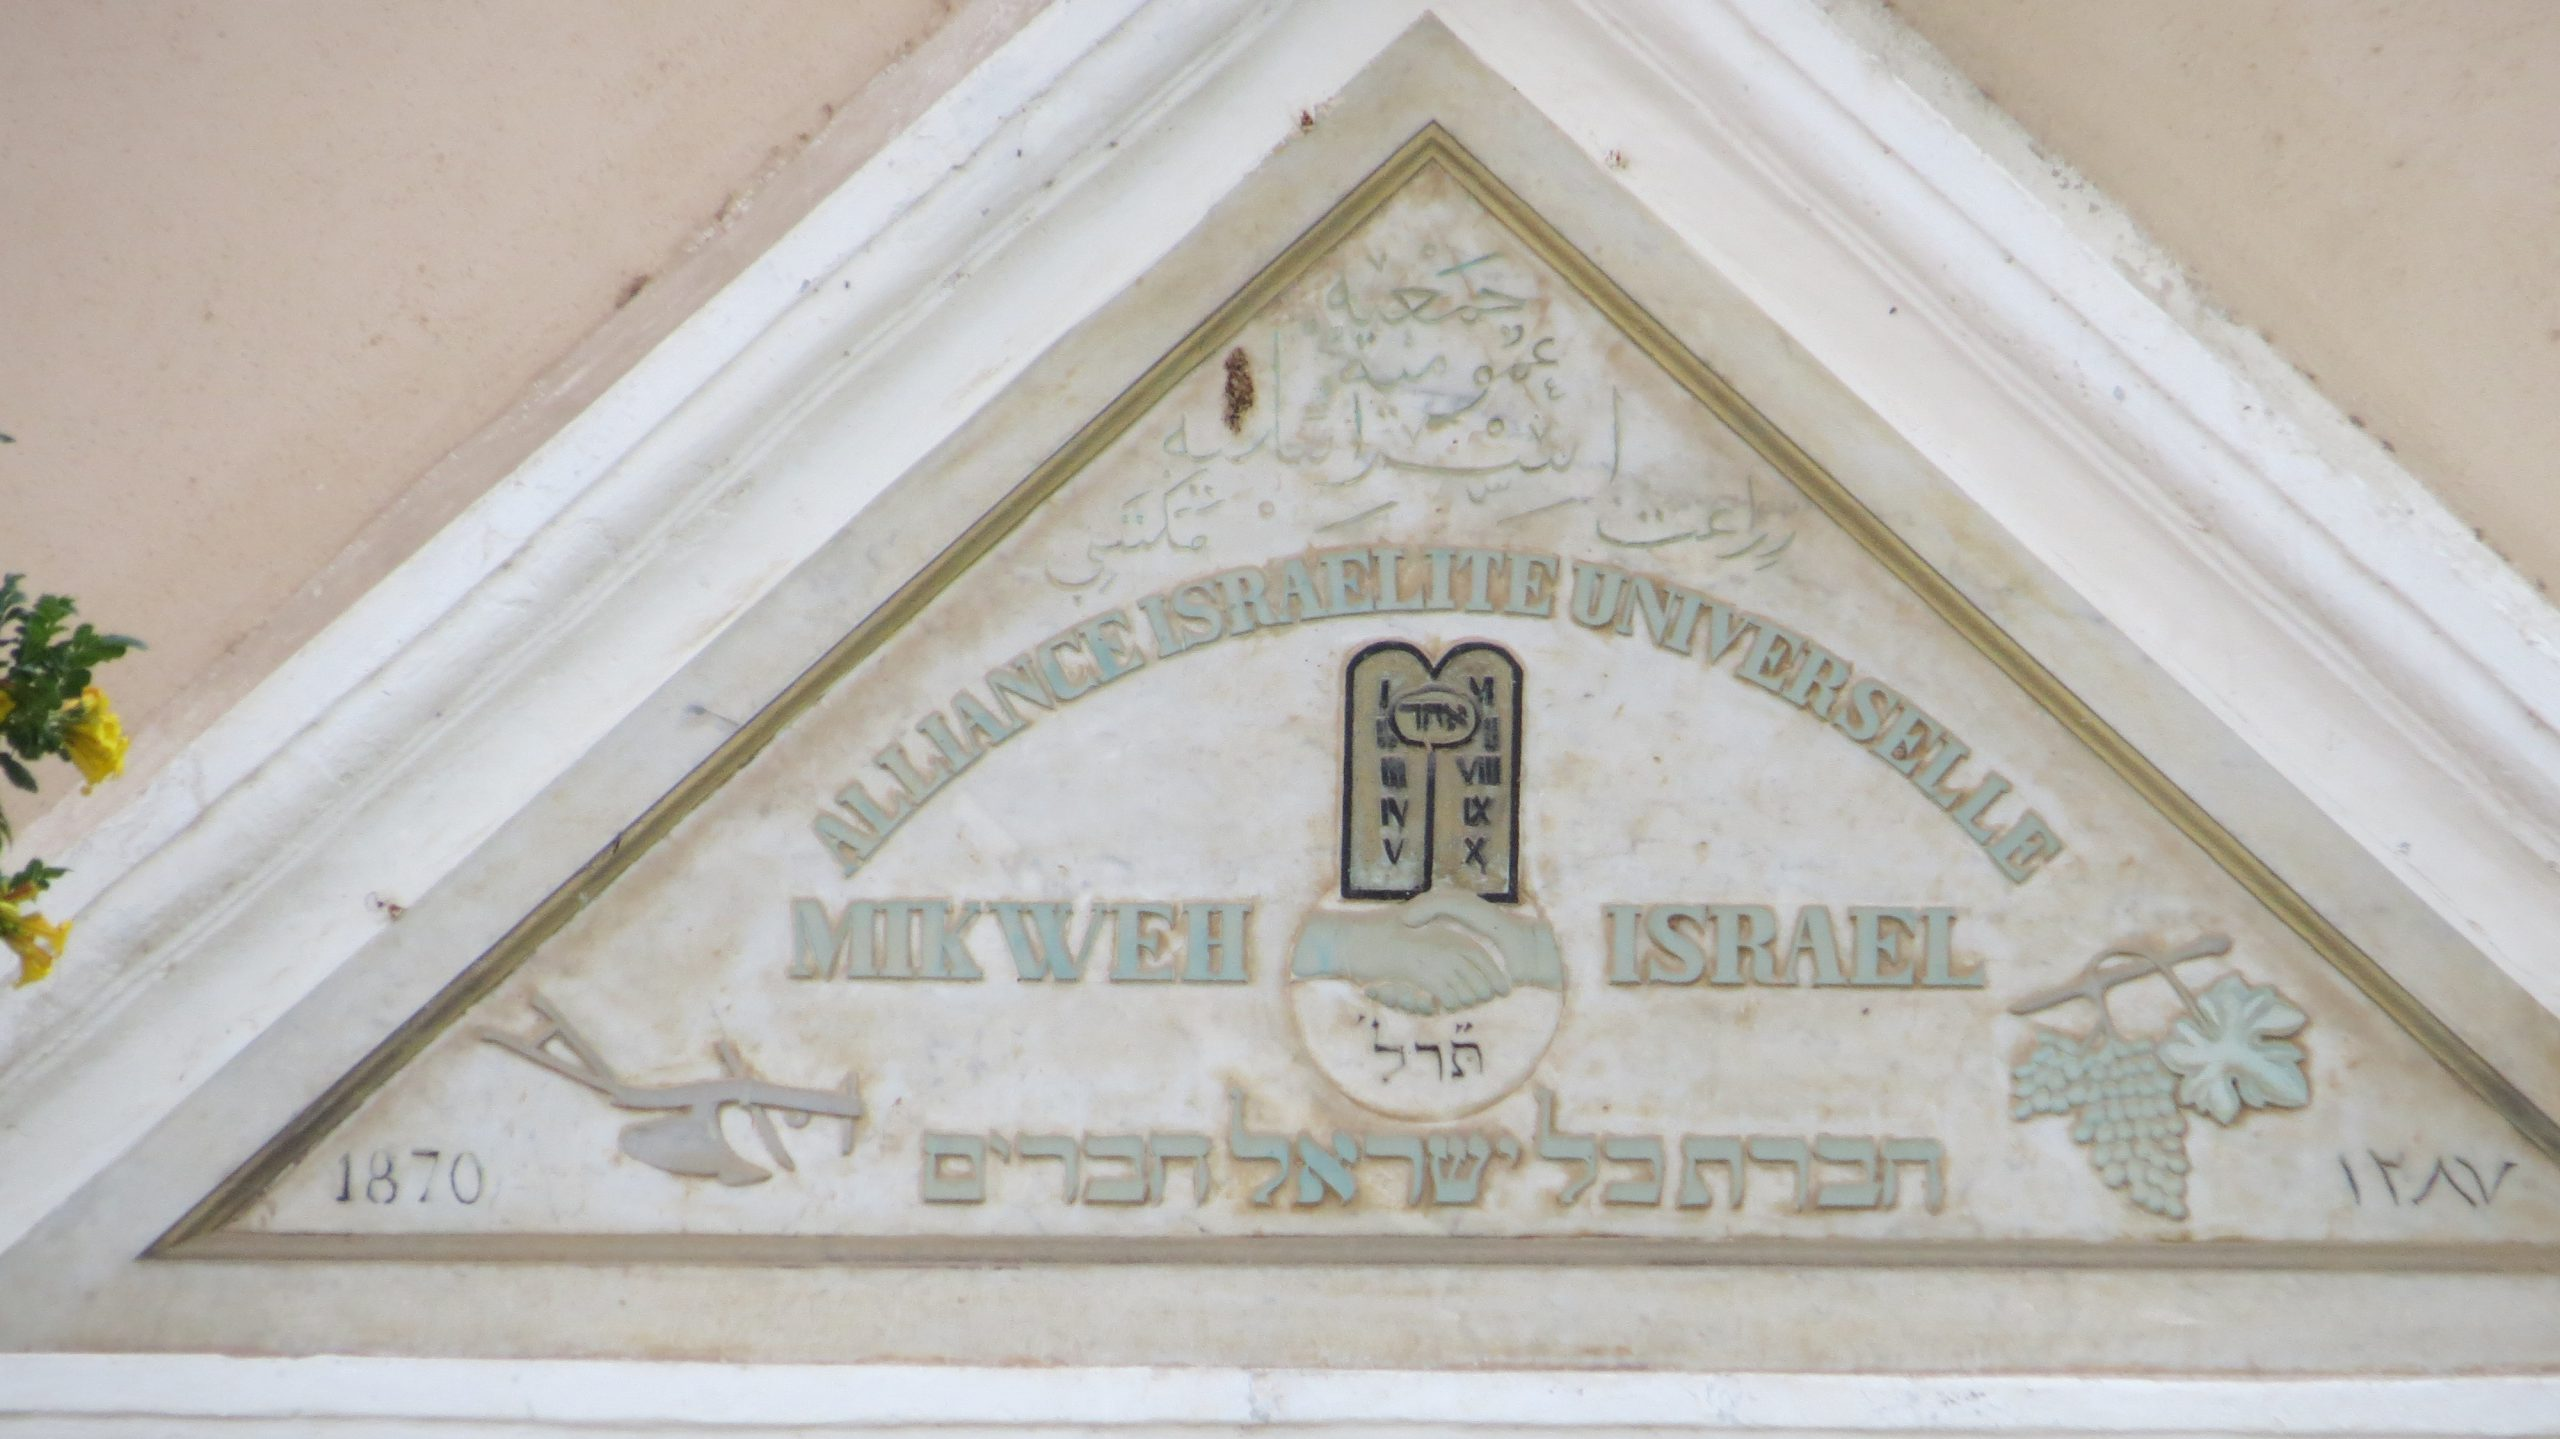 ביקורו של הרצל בארץ ישראל